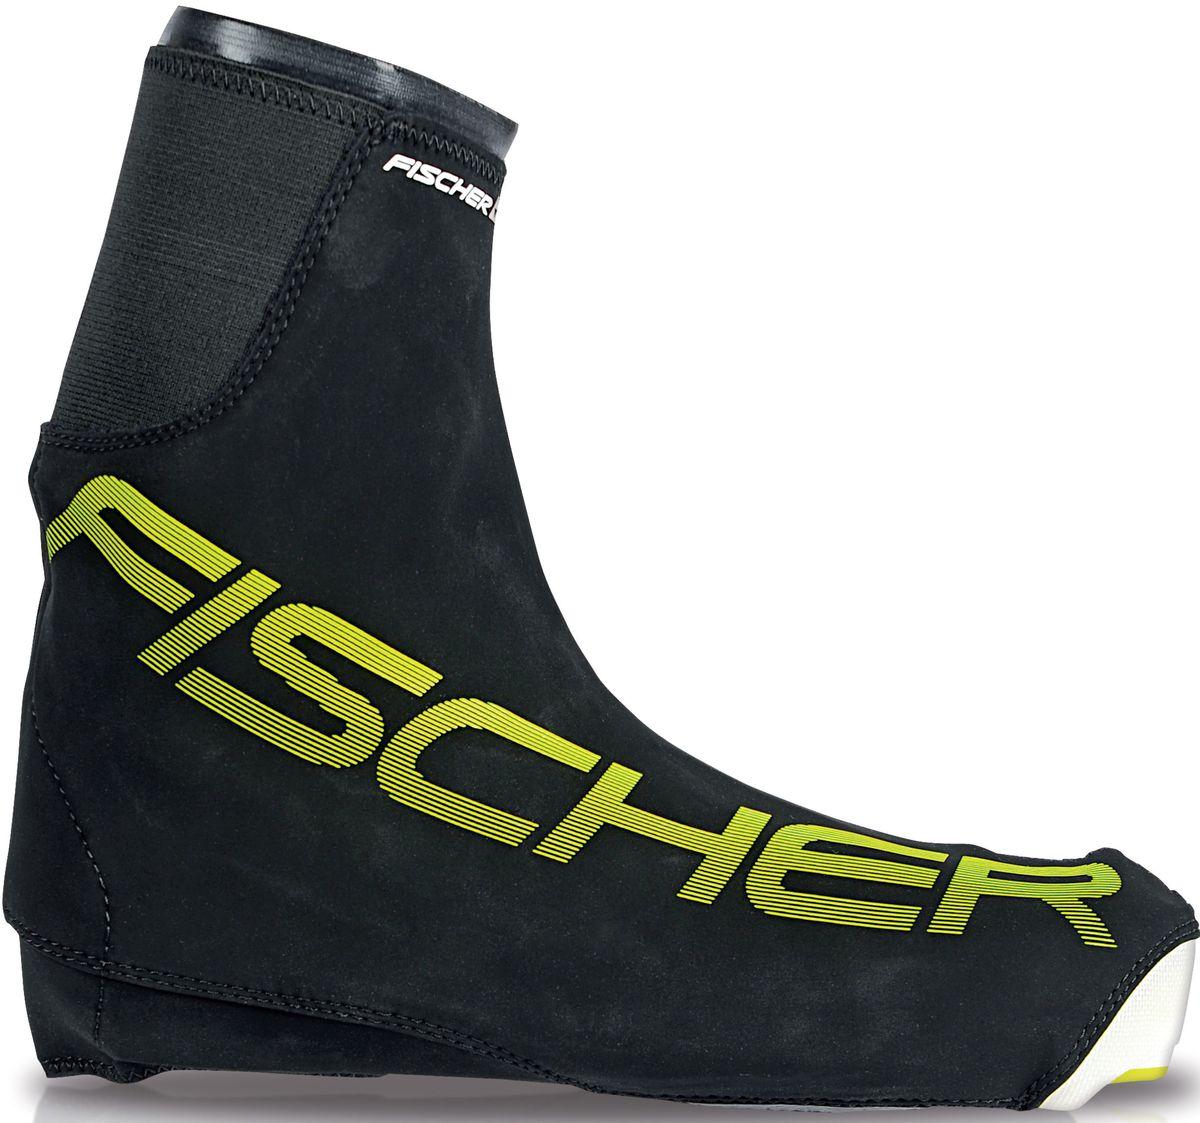 Чехлы для лыжных ботинок Fischer Bootcover Race, размер XXL. S43115S43115Практичный и удобный чехол для лыжных ботинок Fischer BootCover Race станет незаменимым помощником на тренировках, разминках и просто в холодную погоду. Он надежно защитит ноги от холода и влаги.